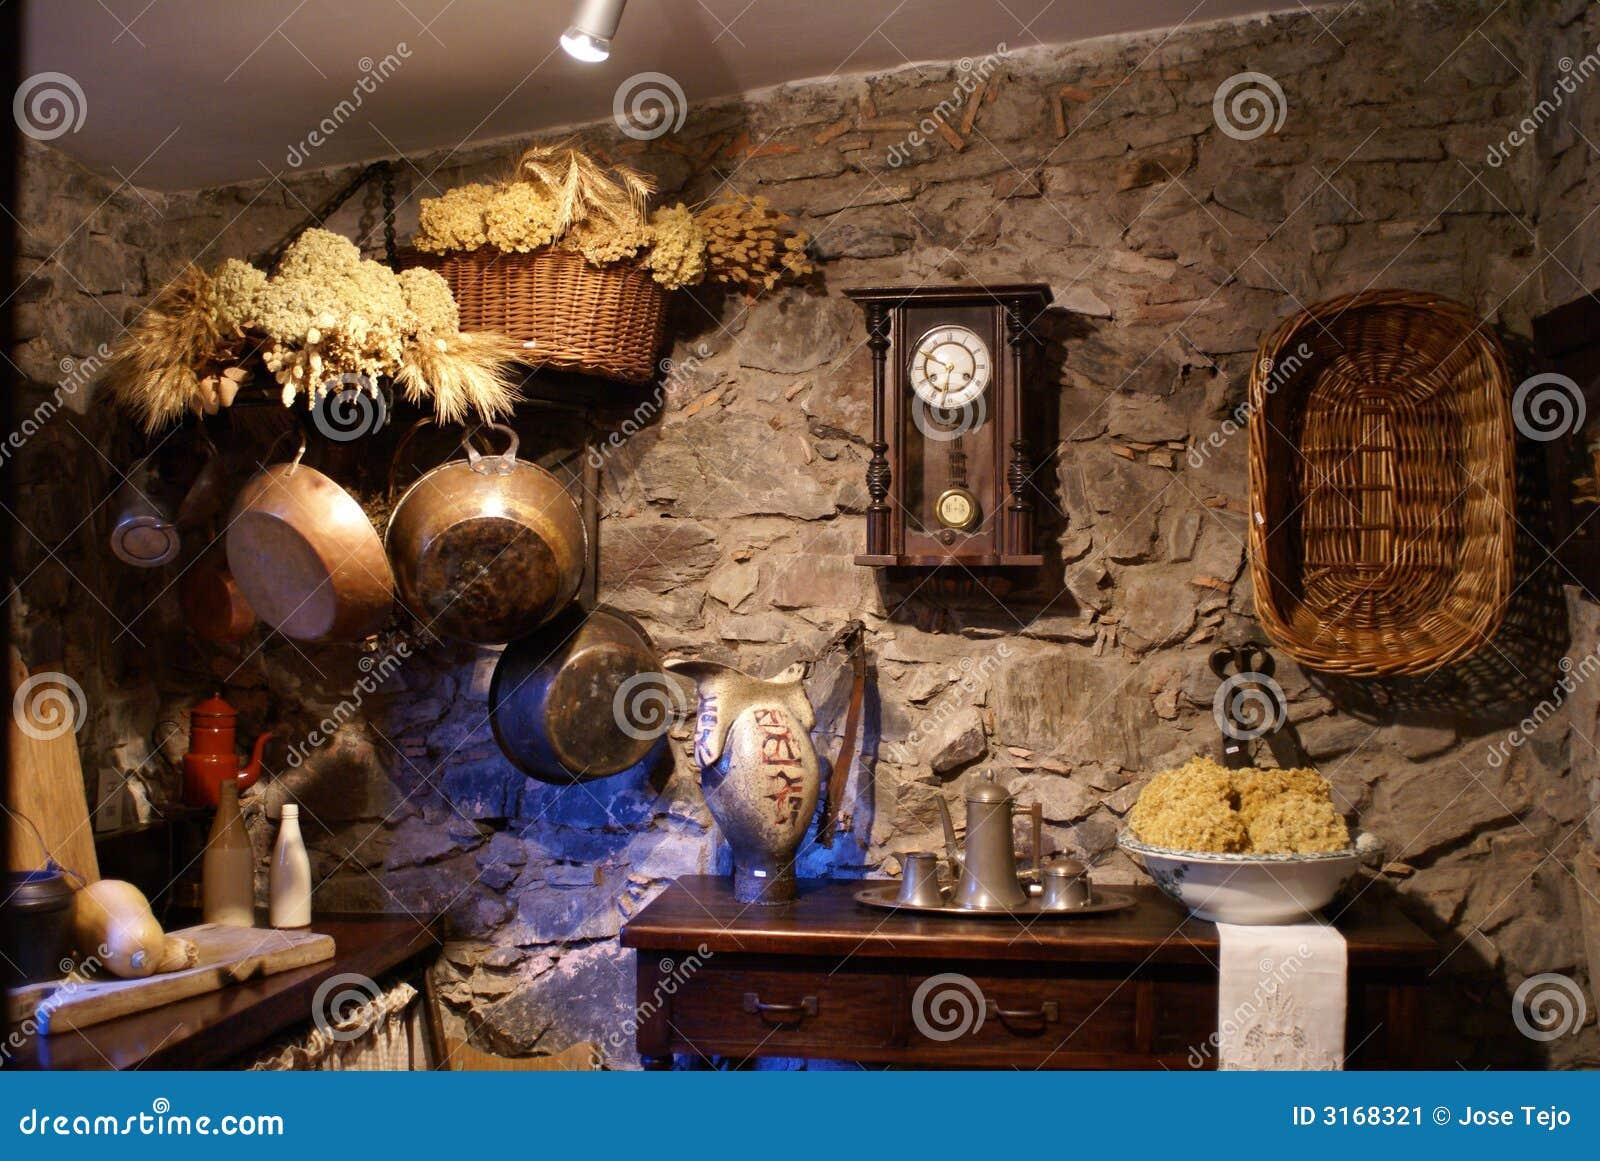 Old Fashioned Kitchen Old Fashioned Kitchen Stock Image Image 3168321